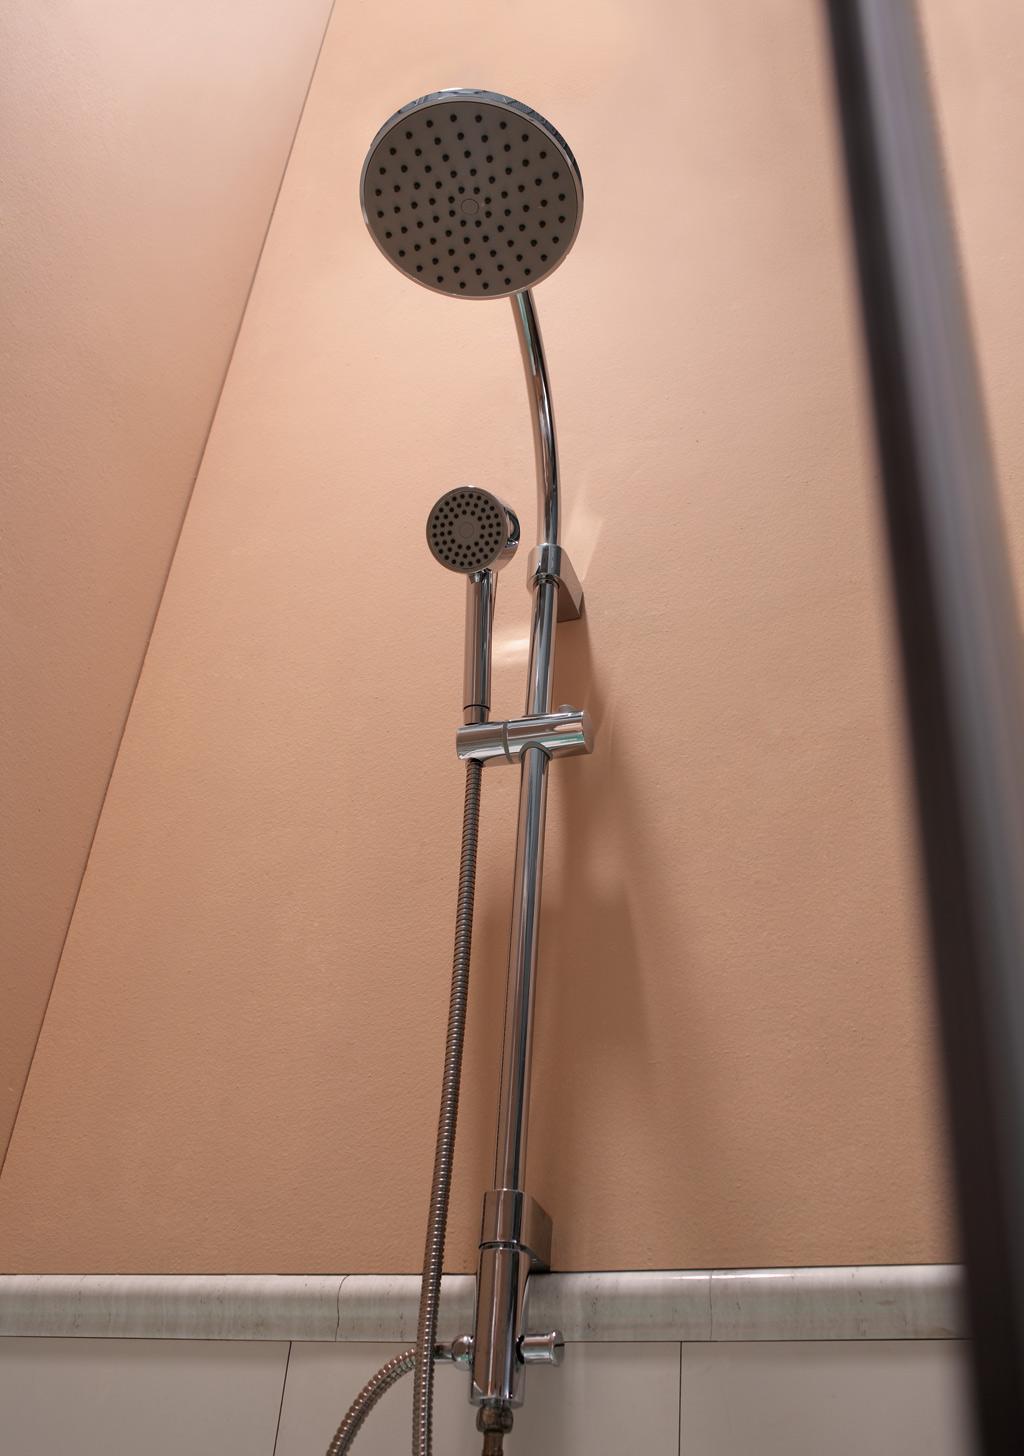 吉事多乐活系列挂墙式双花洒浴缸龙头 GT-6451-1GT-6451-11-HT